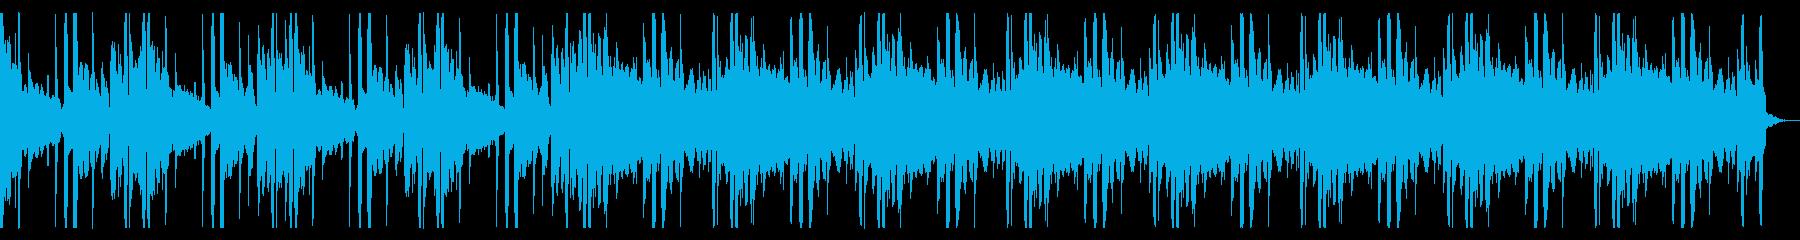 解放されるようなBGM_No631_3の再生済みの波形